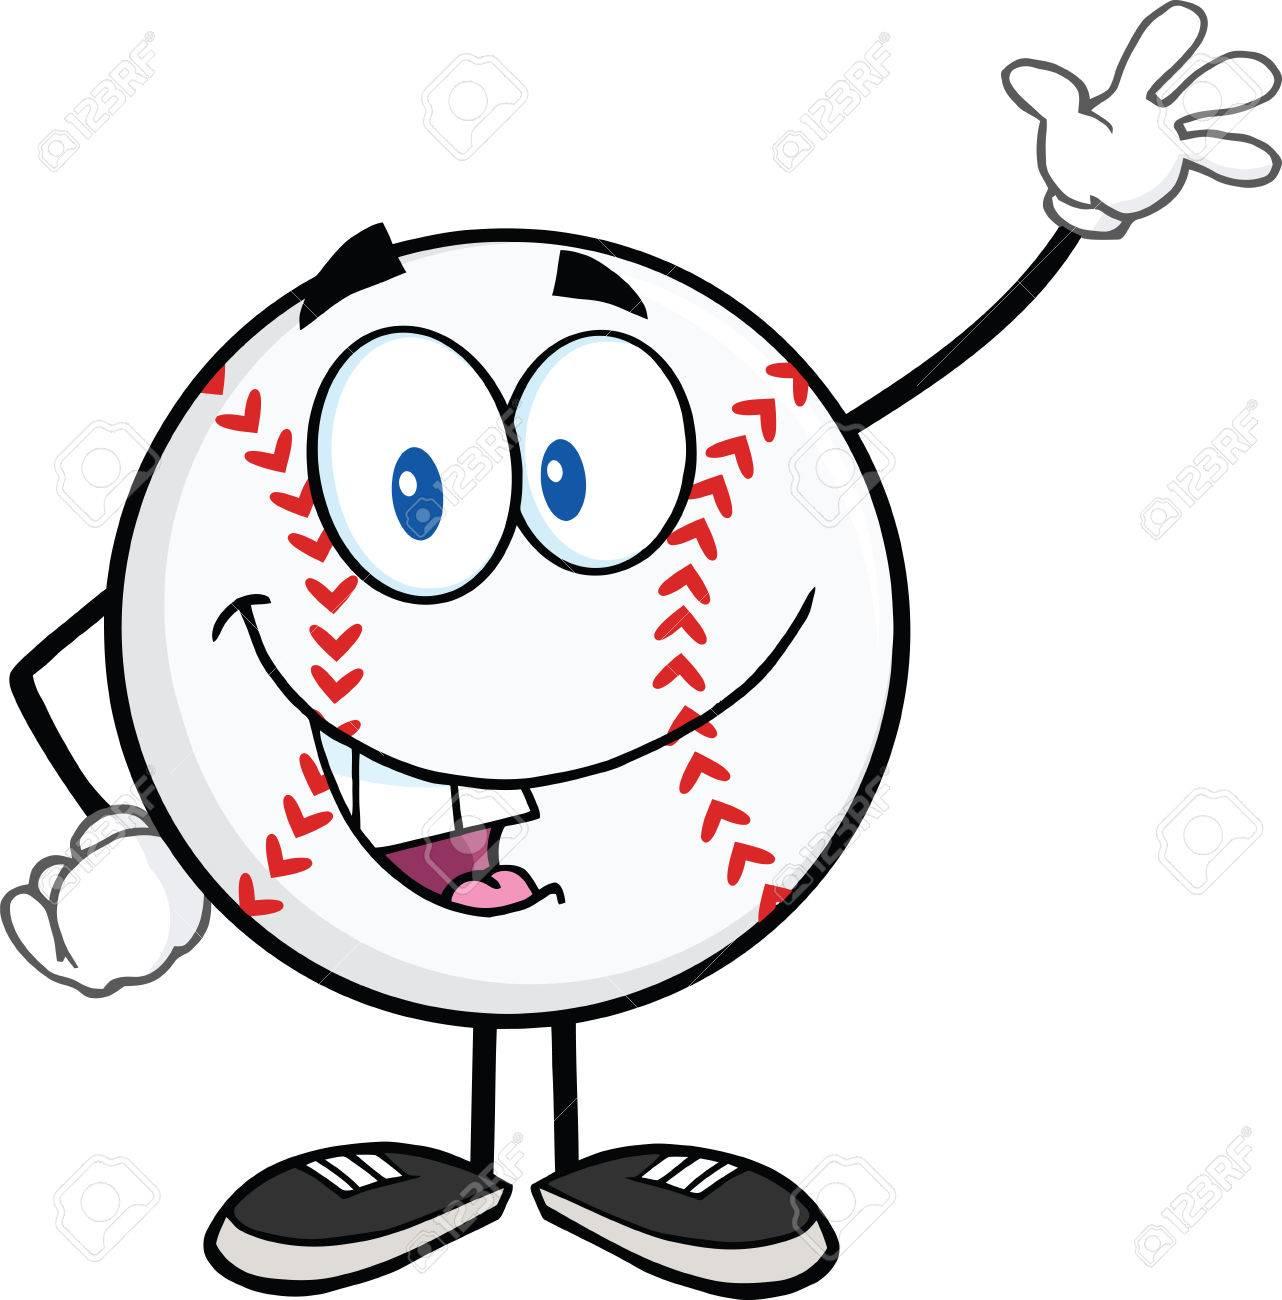 野球ボール漫画マスコット キャラクターを振っての挨拶イラスト分離白